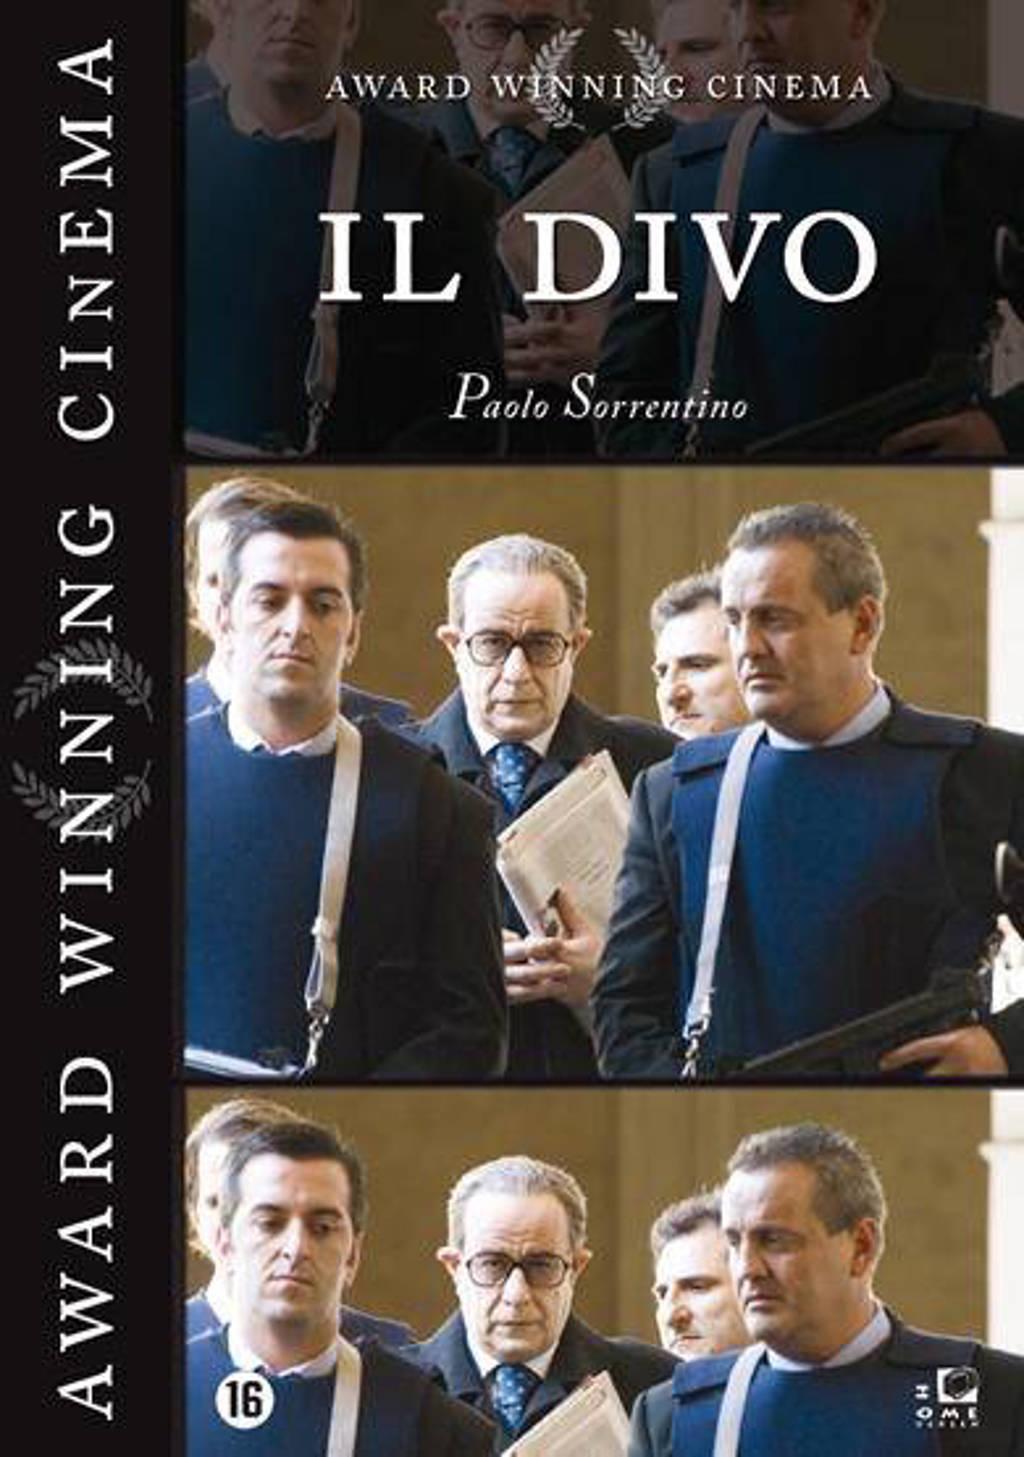 Il divo (DVD)